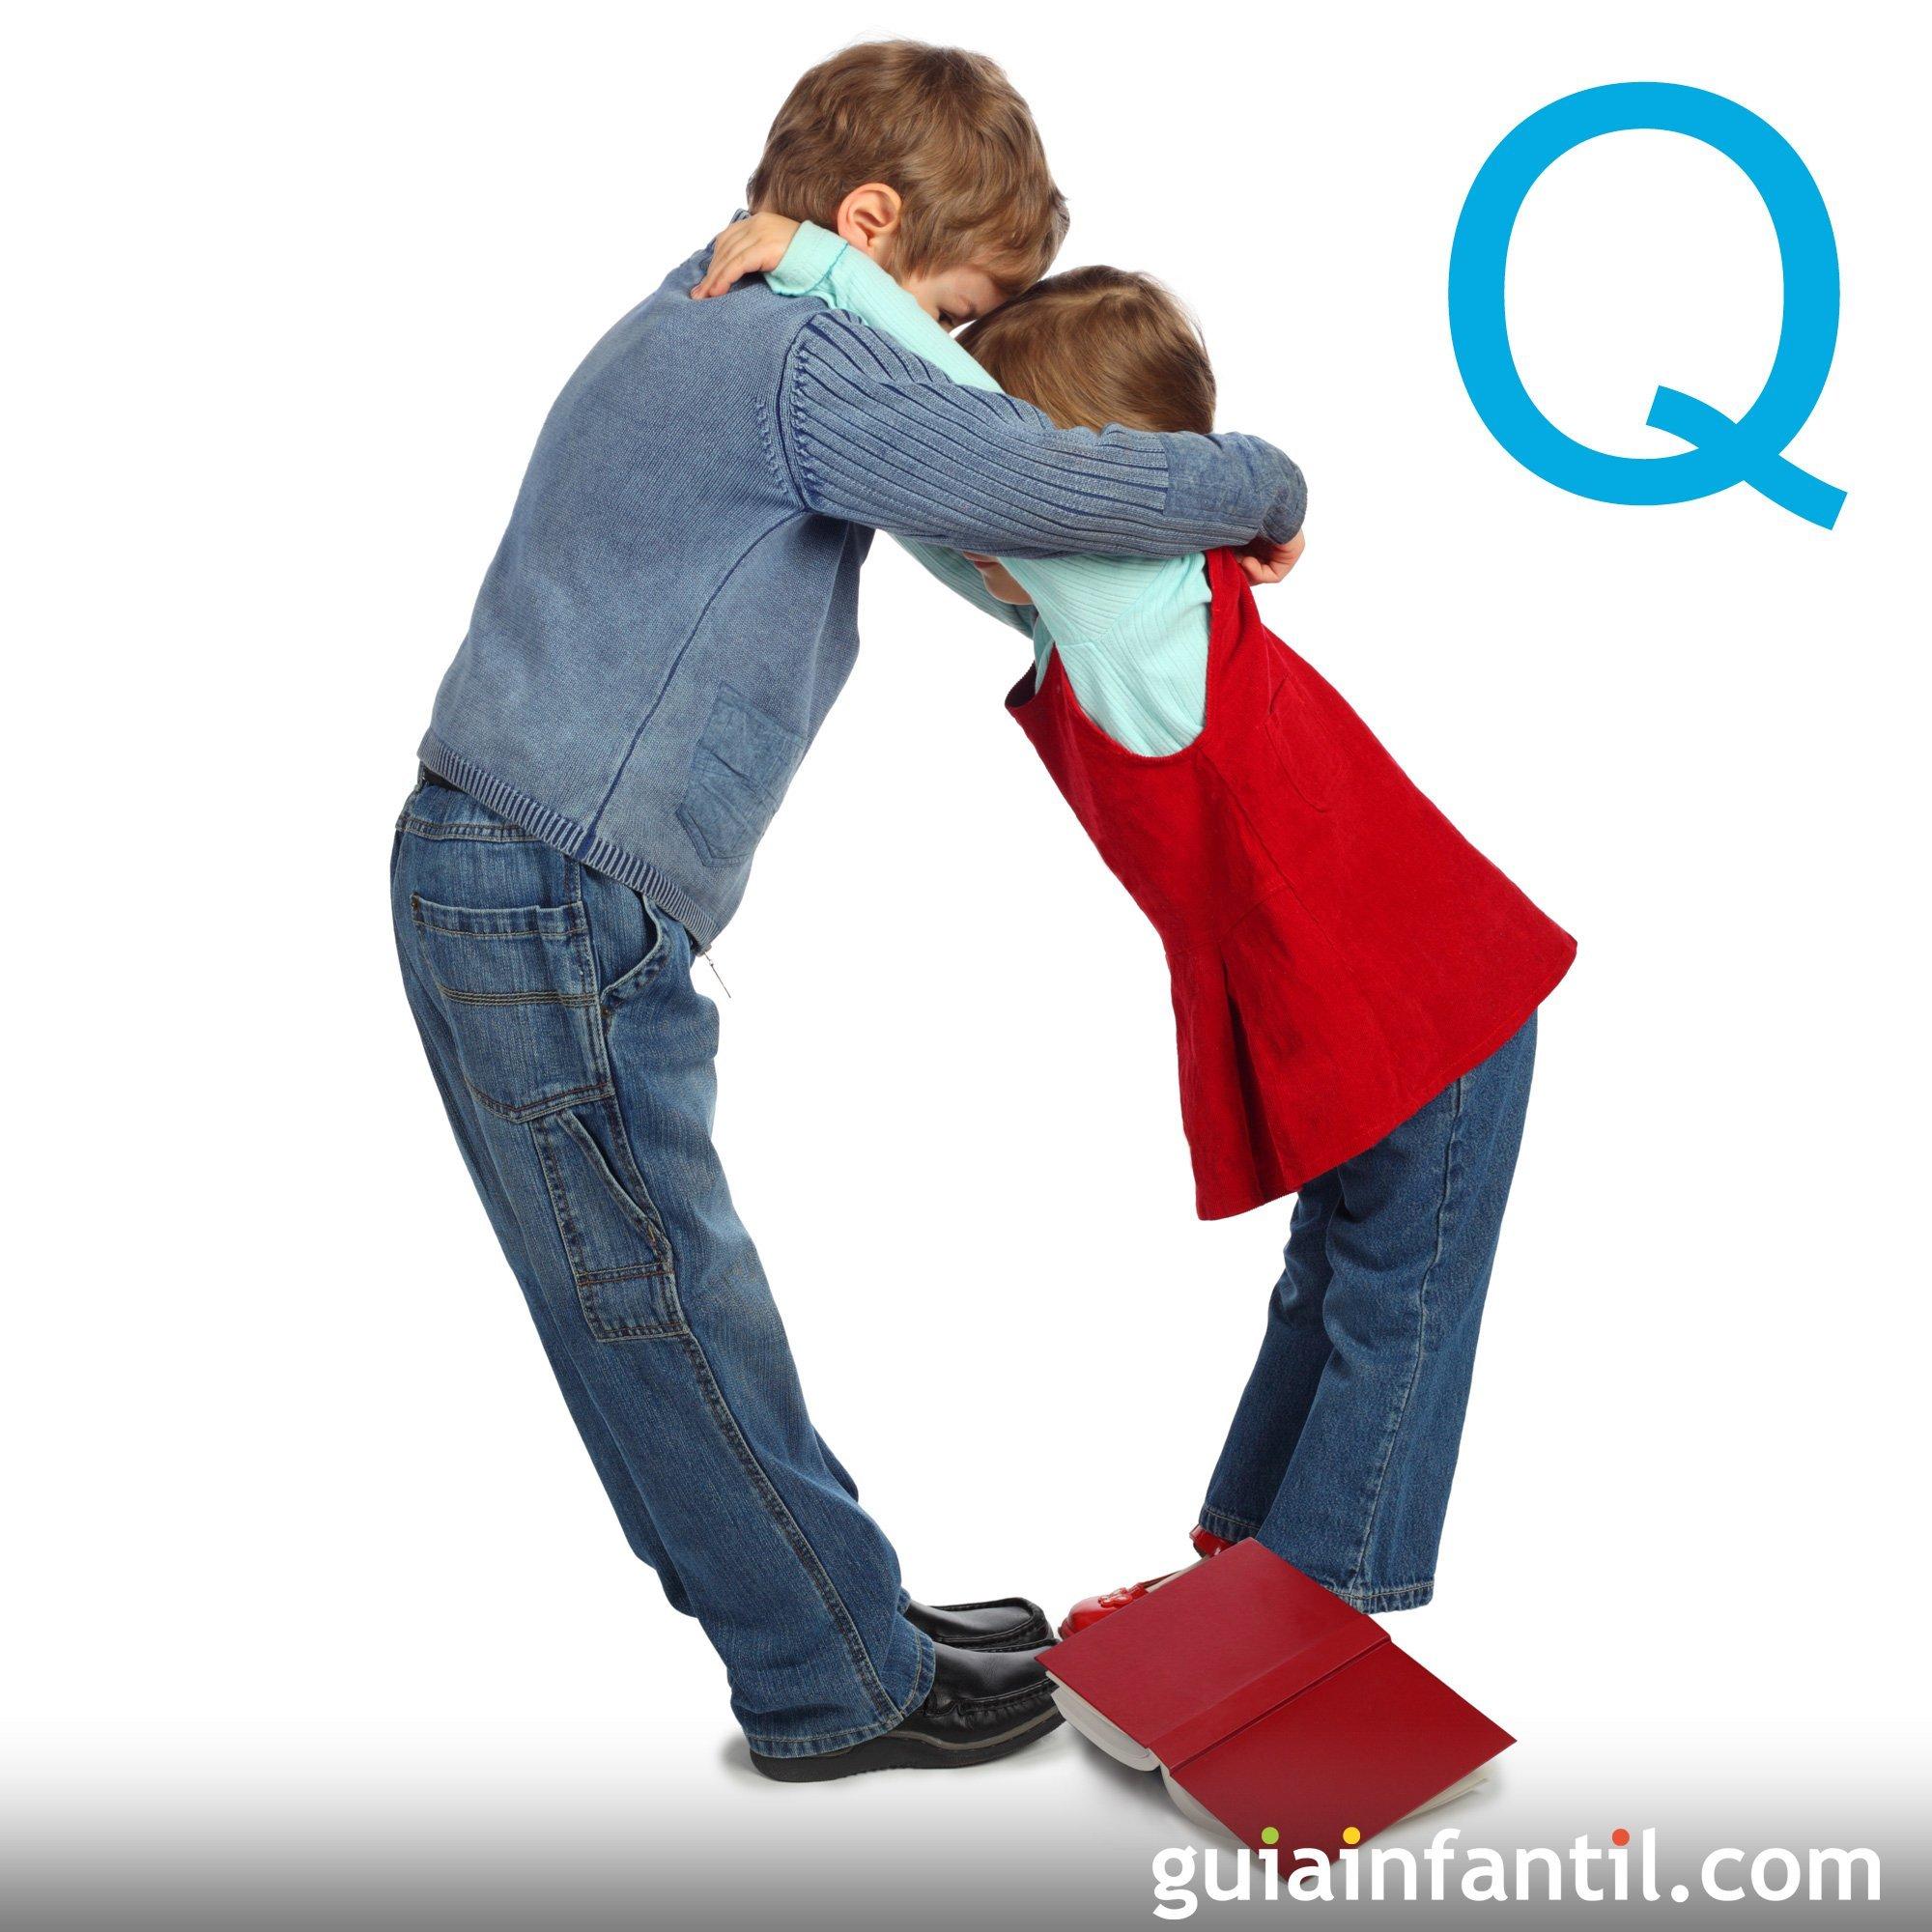 Juega a hacer la letra Q con el cuerpo